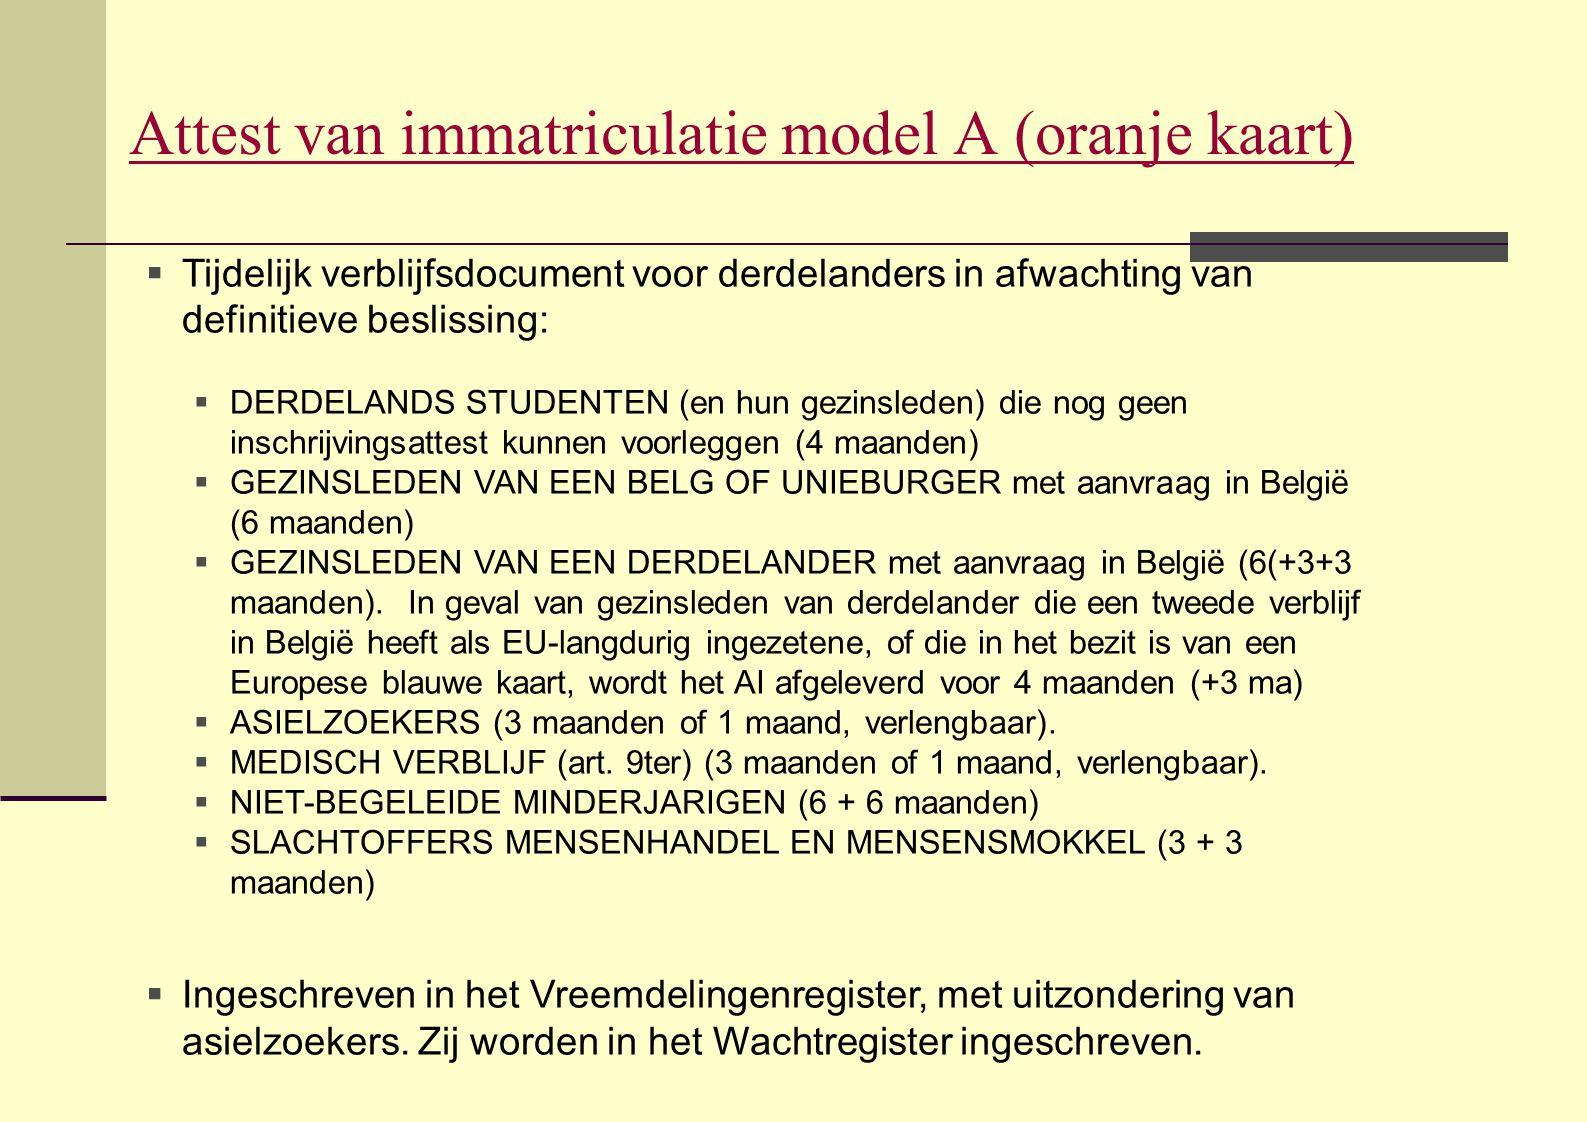  Tijdelijk verblijfsdocument voor derdelanders in afwachting van definitieve beslissing:  DERDELANDS STUDENTEN (en hun gezinsleden) die nog geen ins